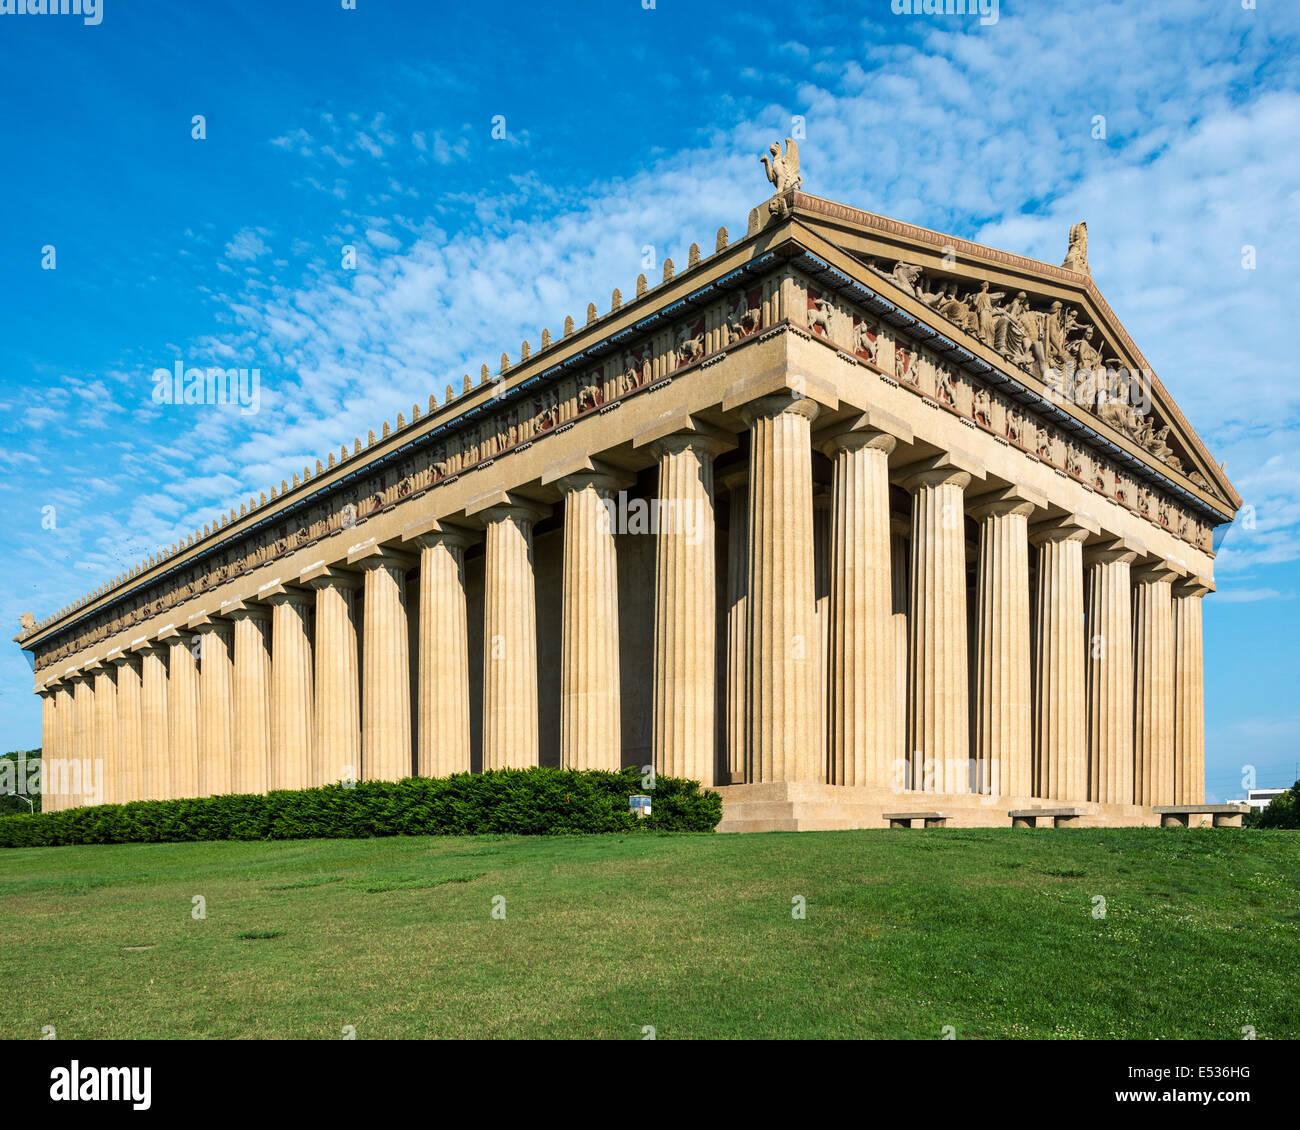 Il Partenone di replica a Centennial Park a Nashville, Tennessee, Stati Uniti d'America. Immagini Stock